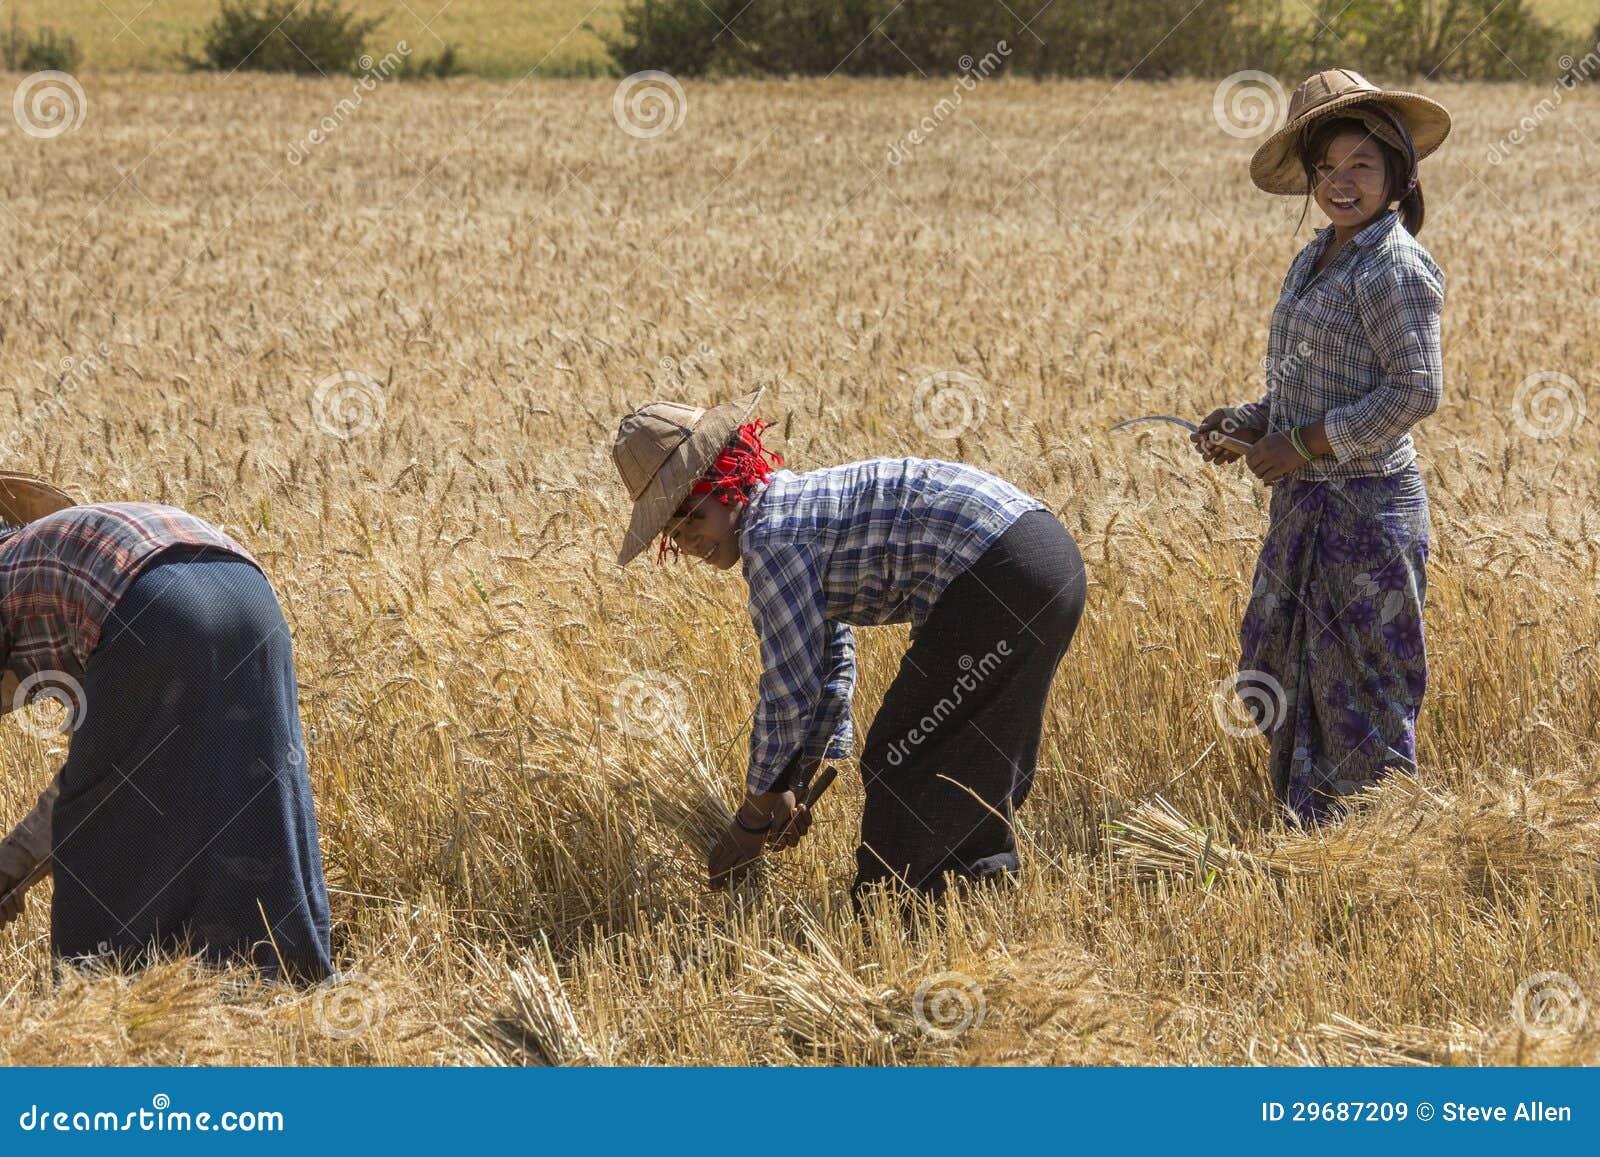 crop of wheat in the countryside near Kalaw in Myanmar (Burma